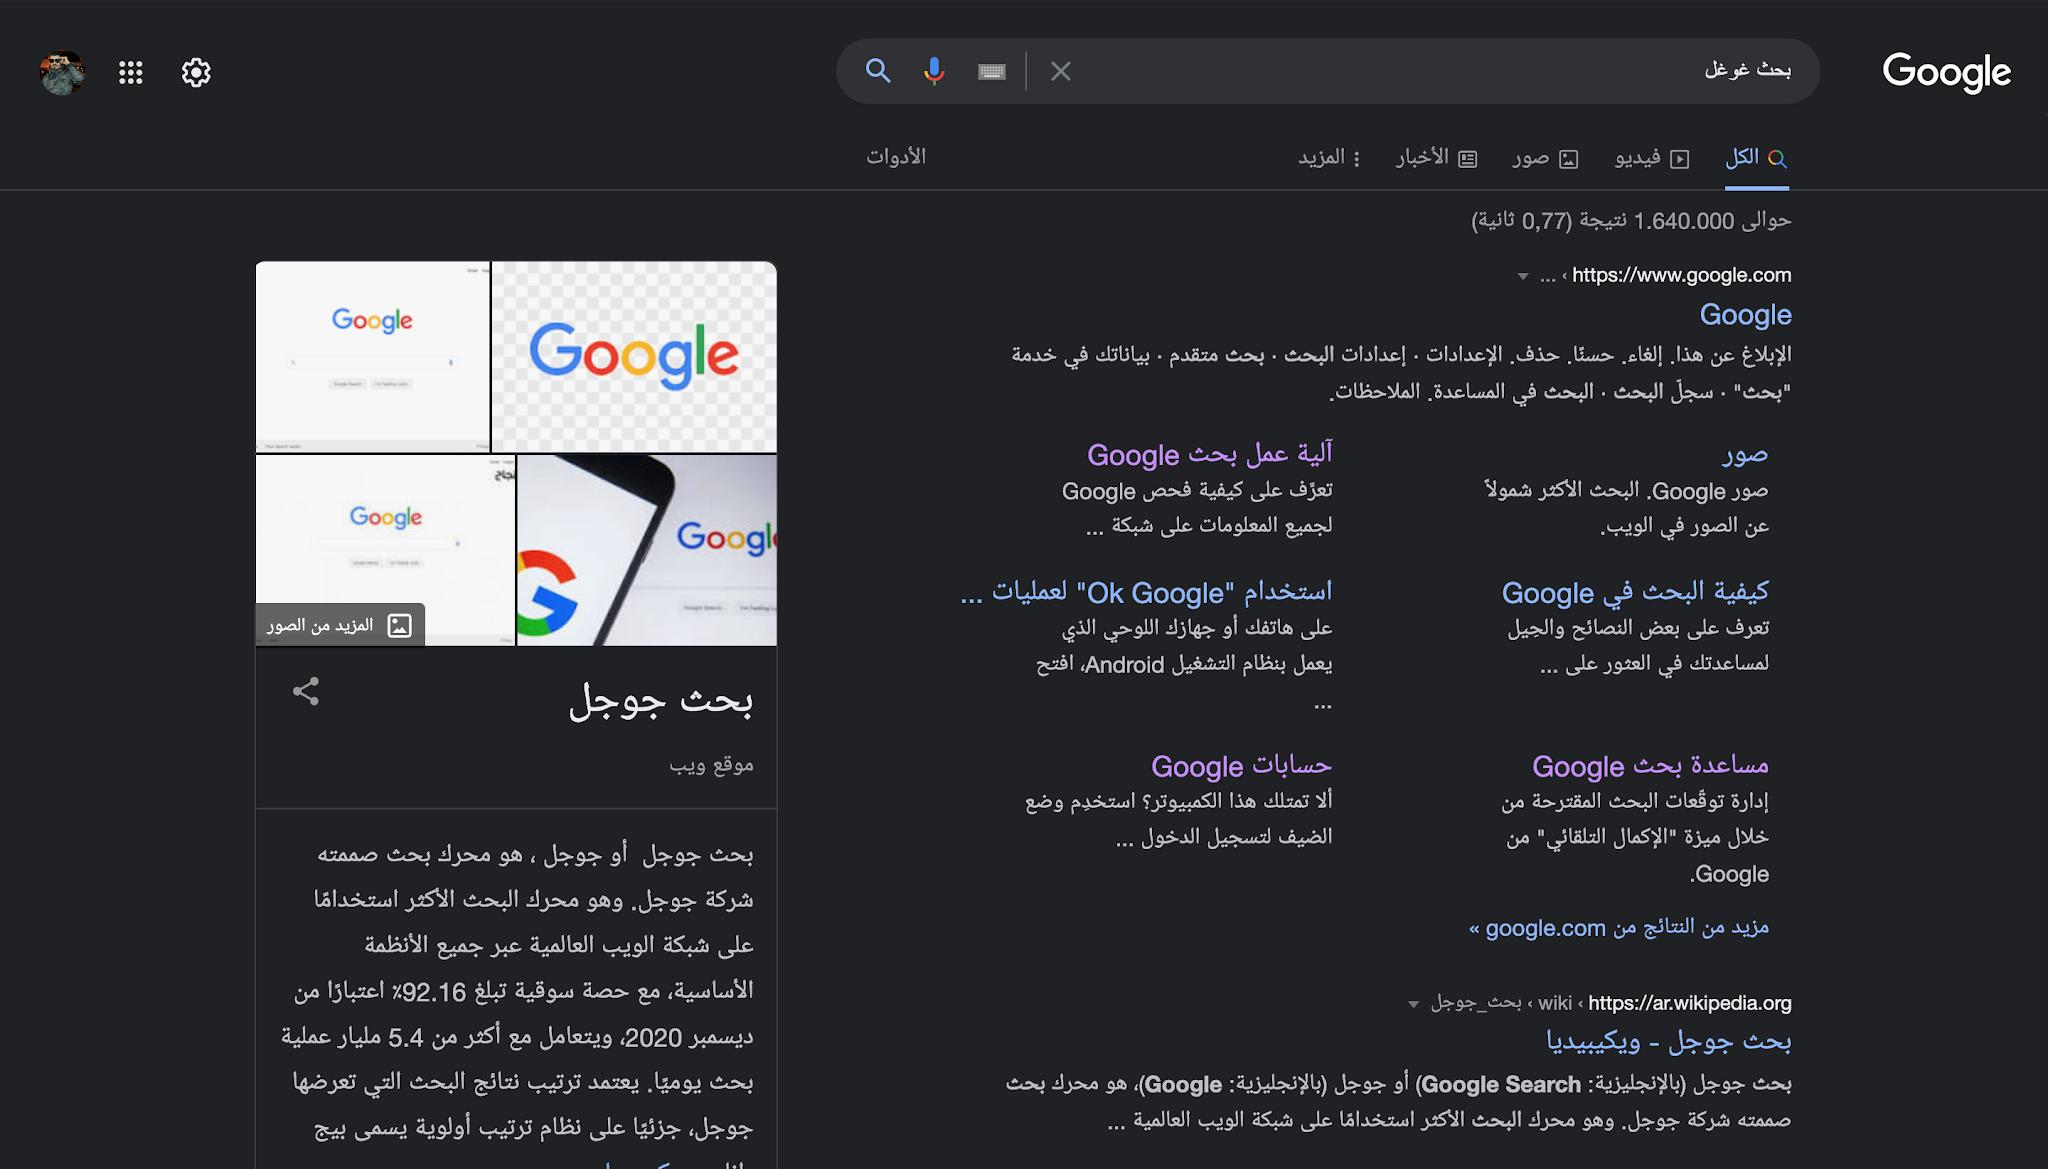 لقطة شاشة من المظهر الدّاكن لبحث Google